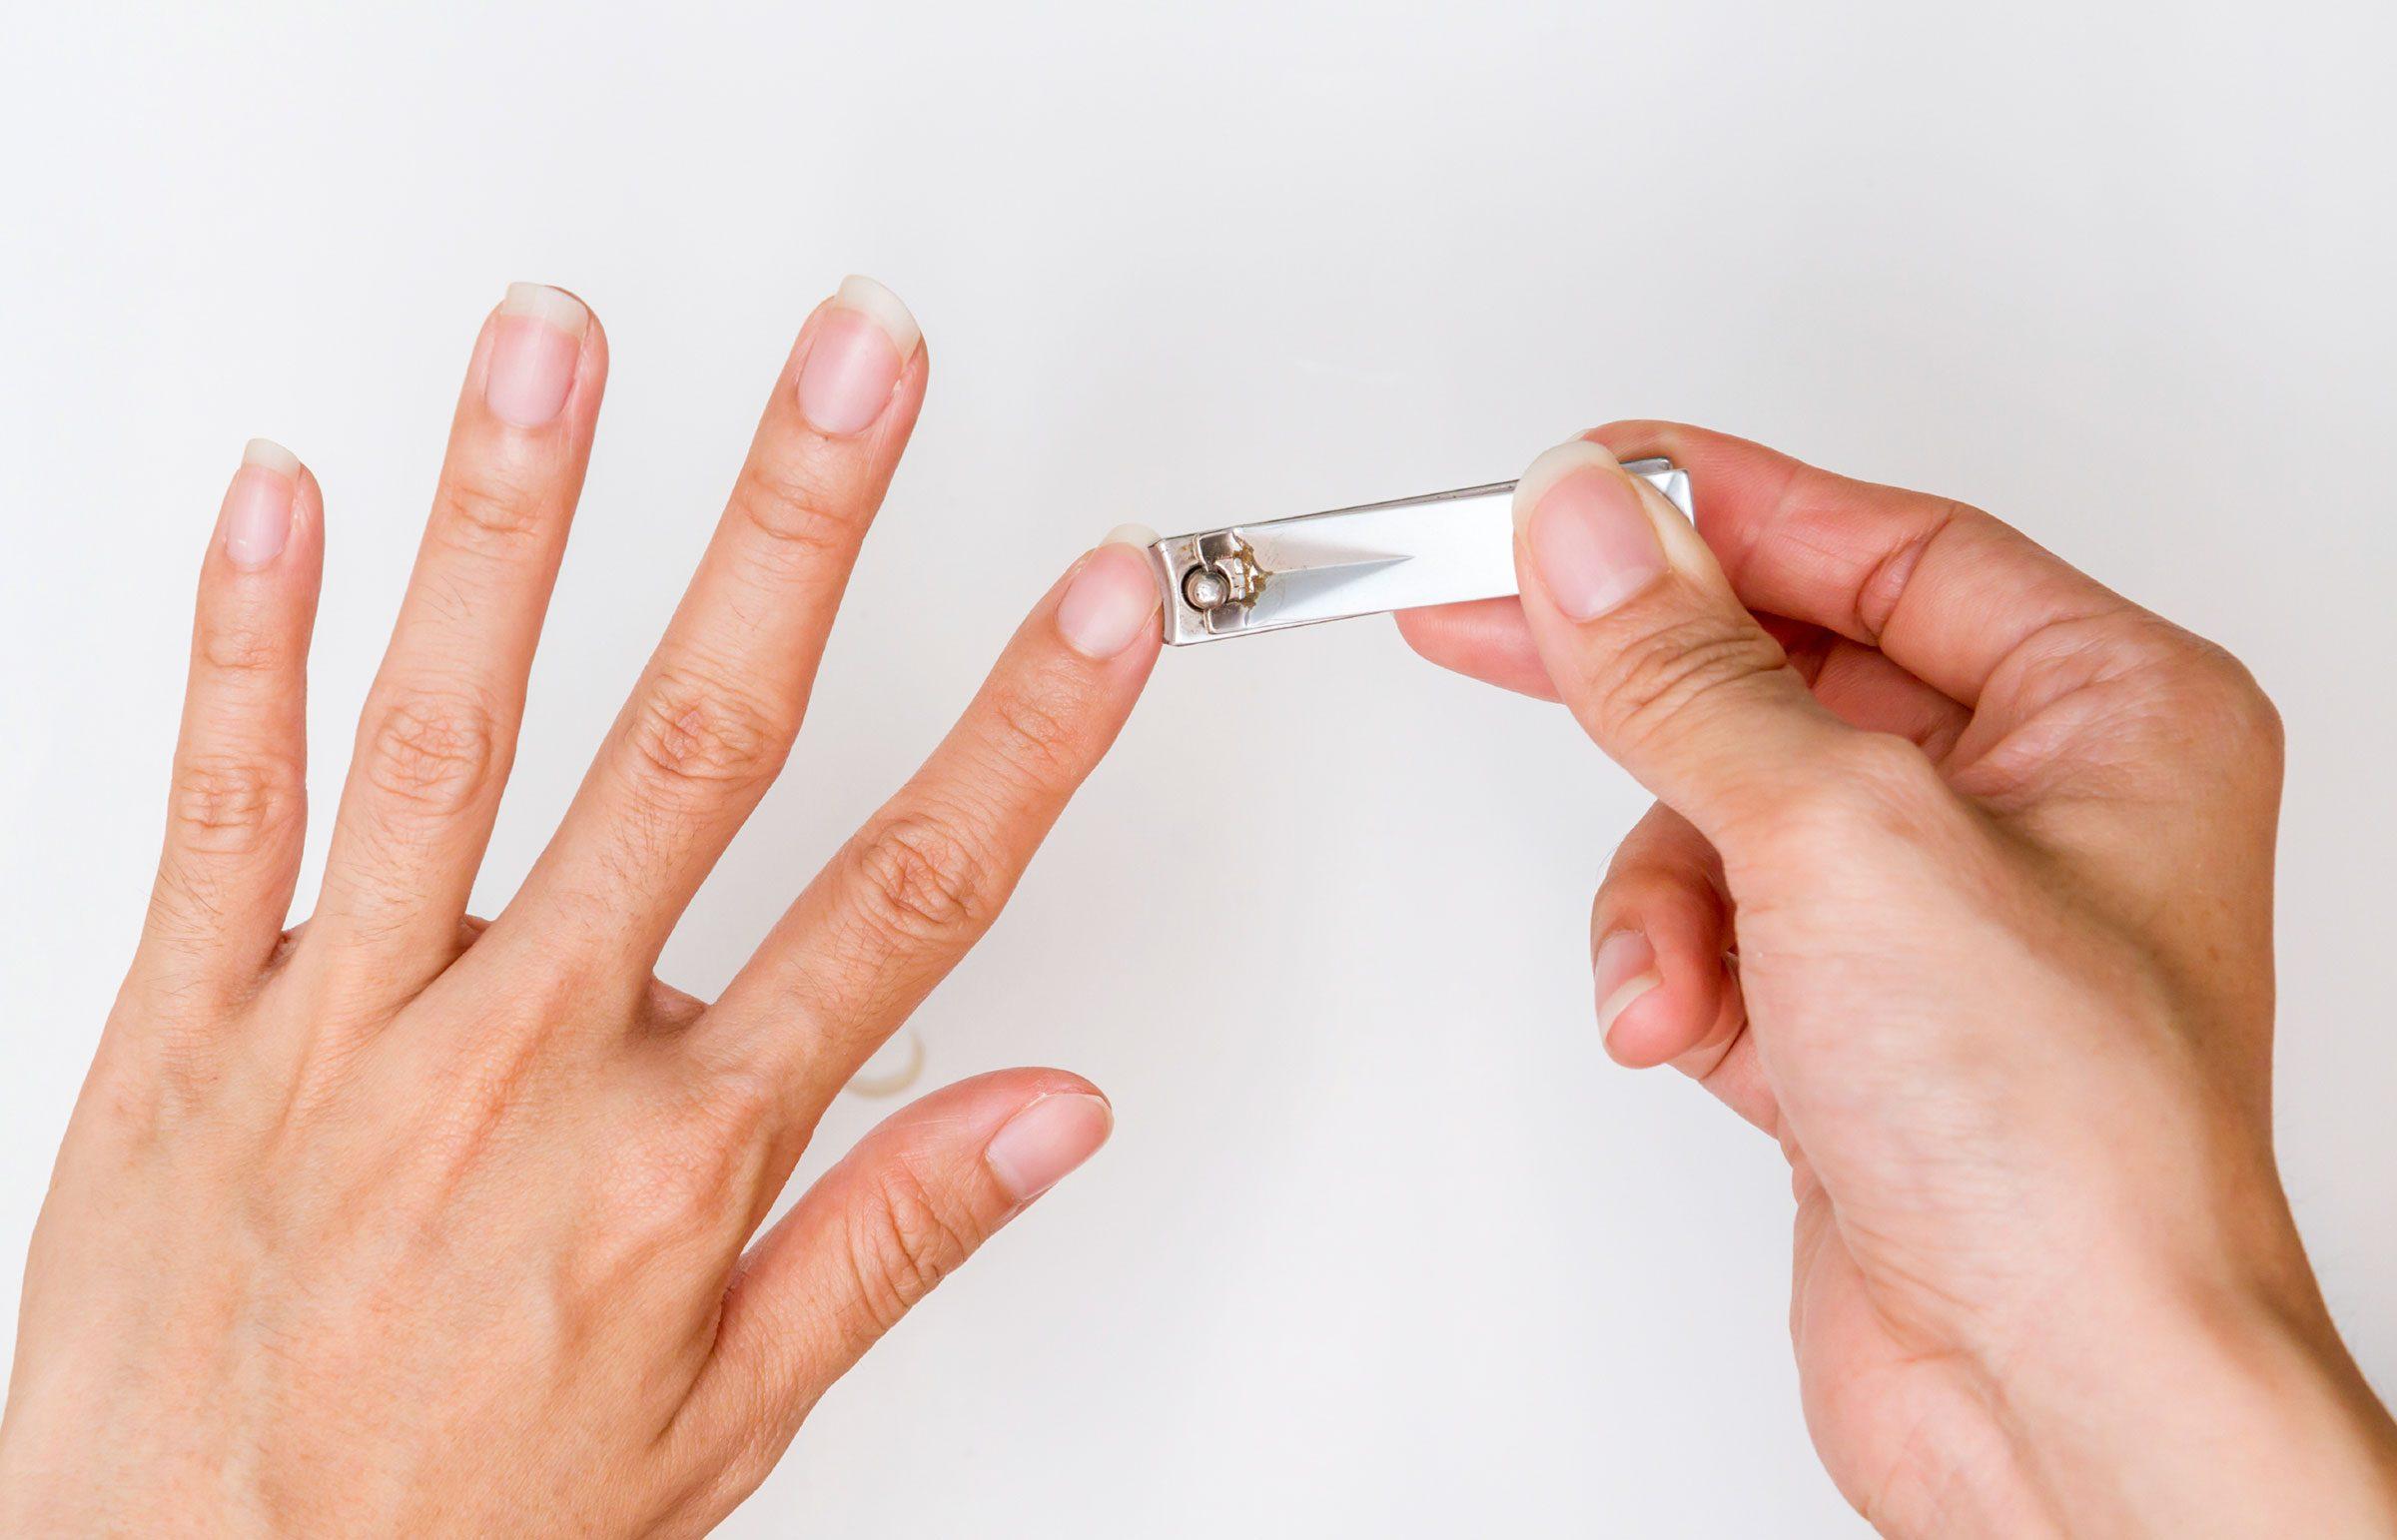 Как правильно стричь ногти ребенку на руках